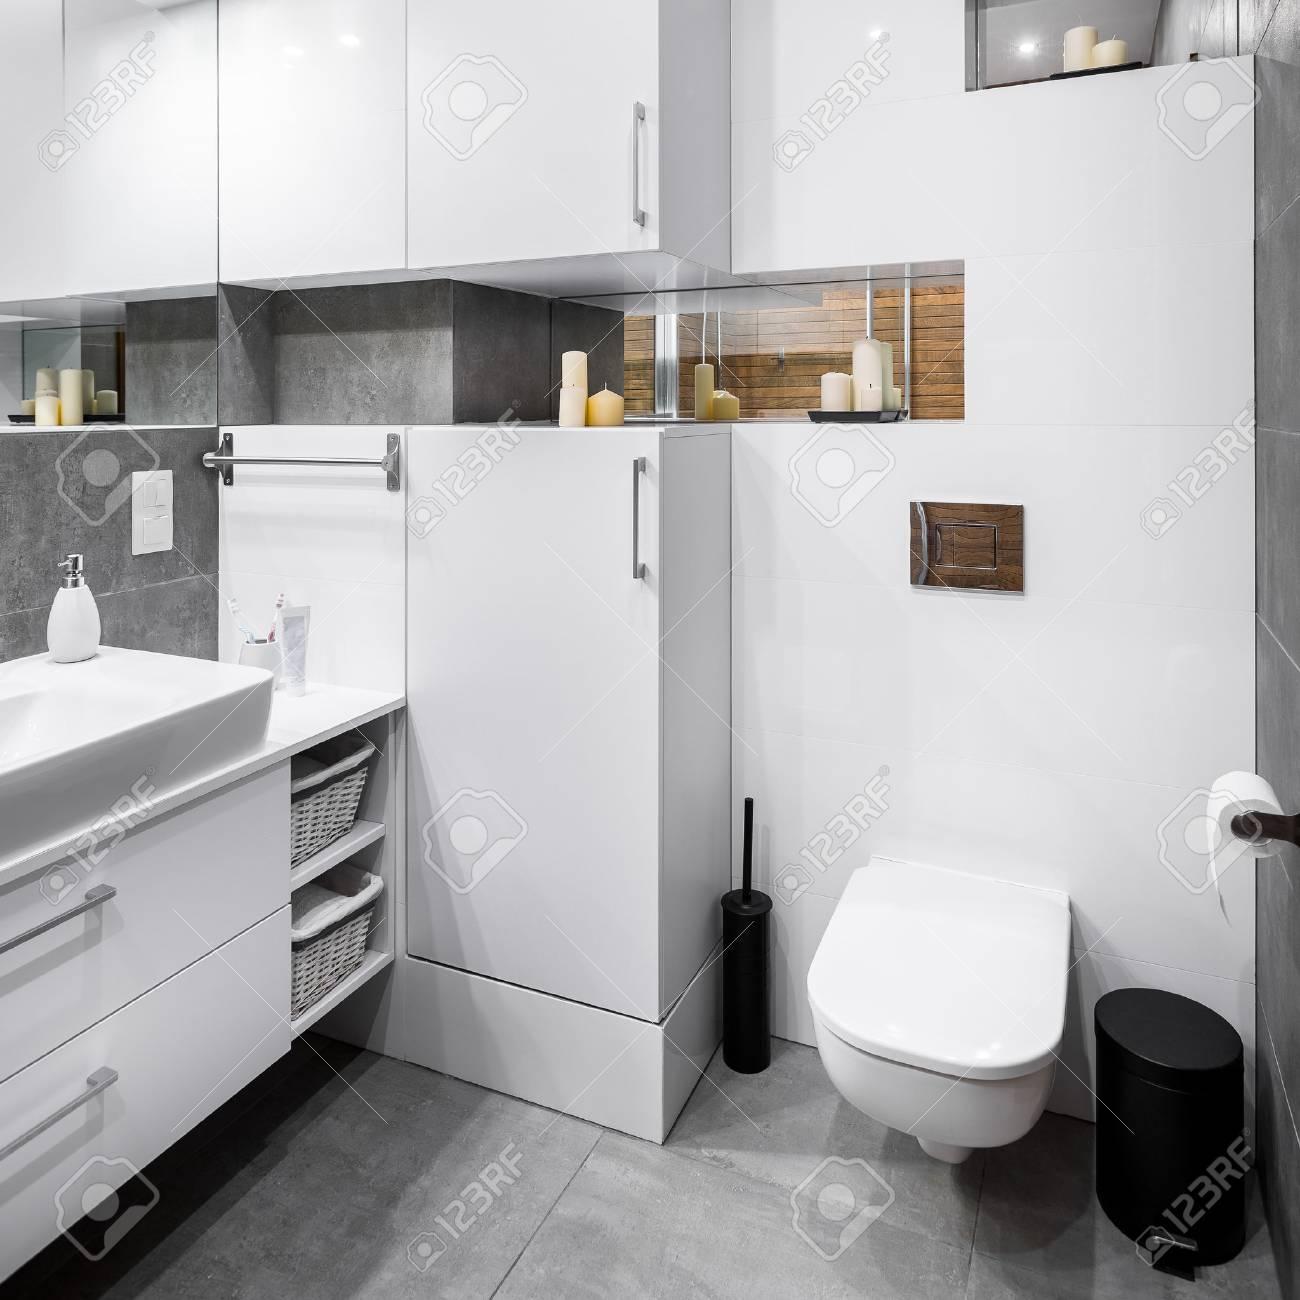 Sympathisch Bad Bodenbelag Beste Wahl Standard-bild - Whiet Hochglanz-bad Mit Funktionalen Möbeln